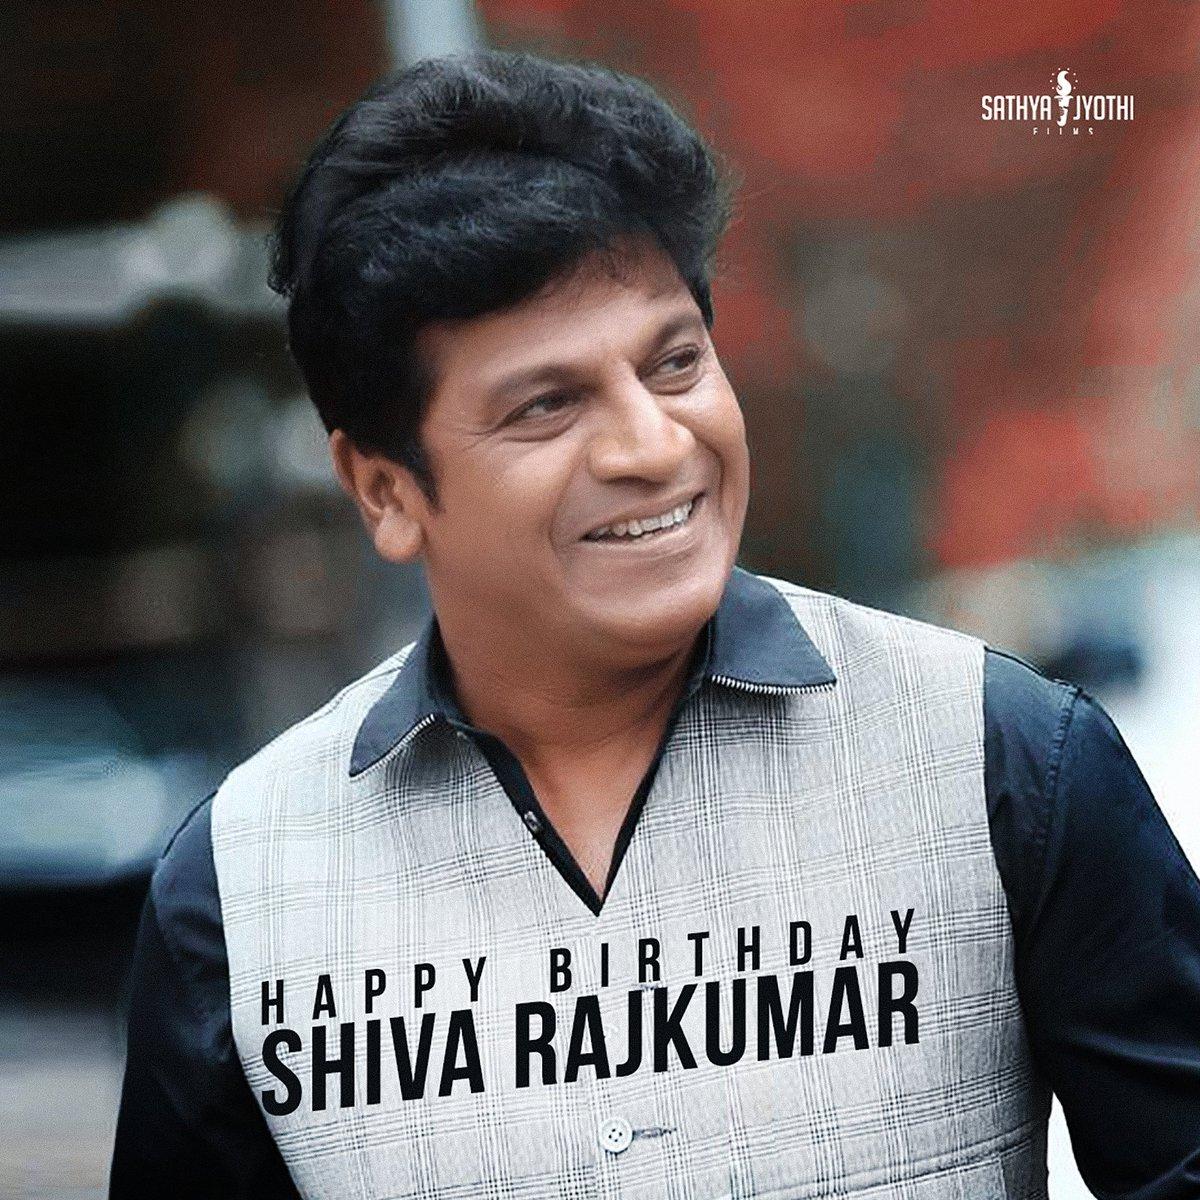 Replying to @SathyaJyothi_: Wishing Karunada Chakravarthi @NimmaShivanna A Happy Birthday.  #HBDShivanna